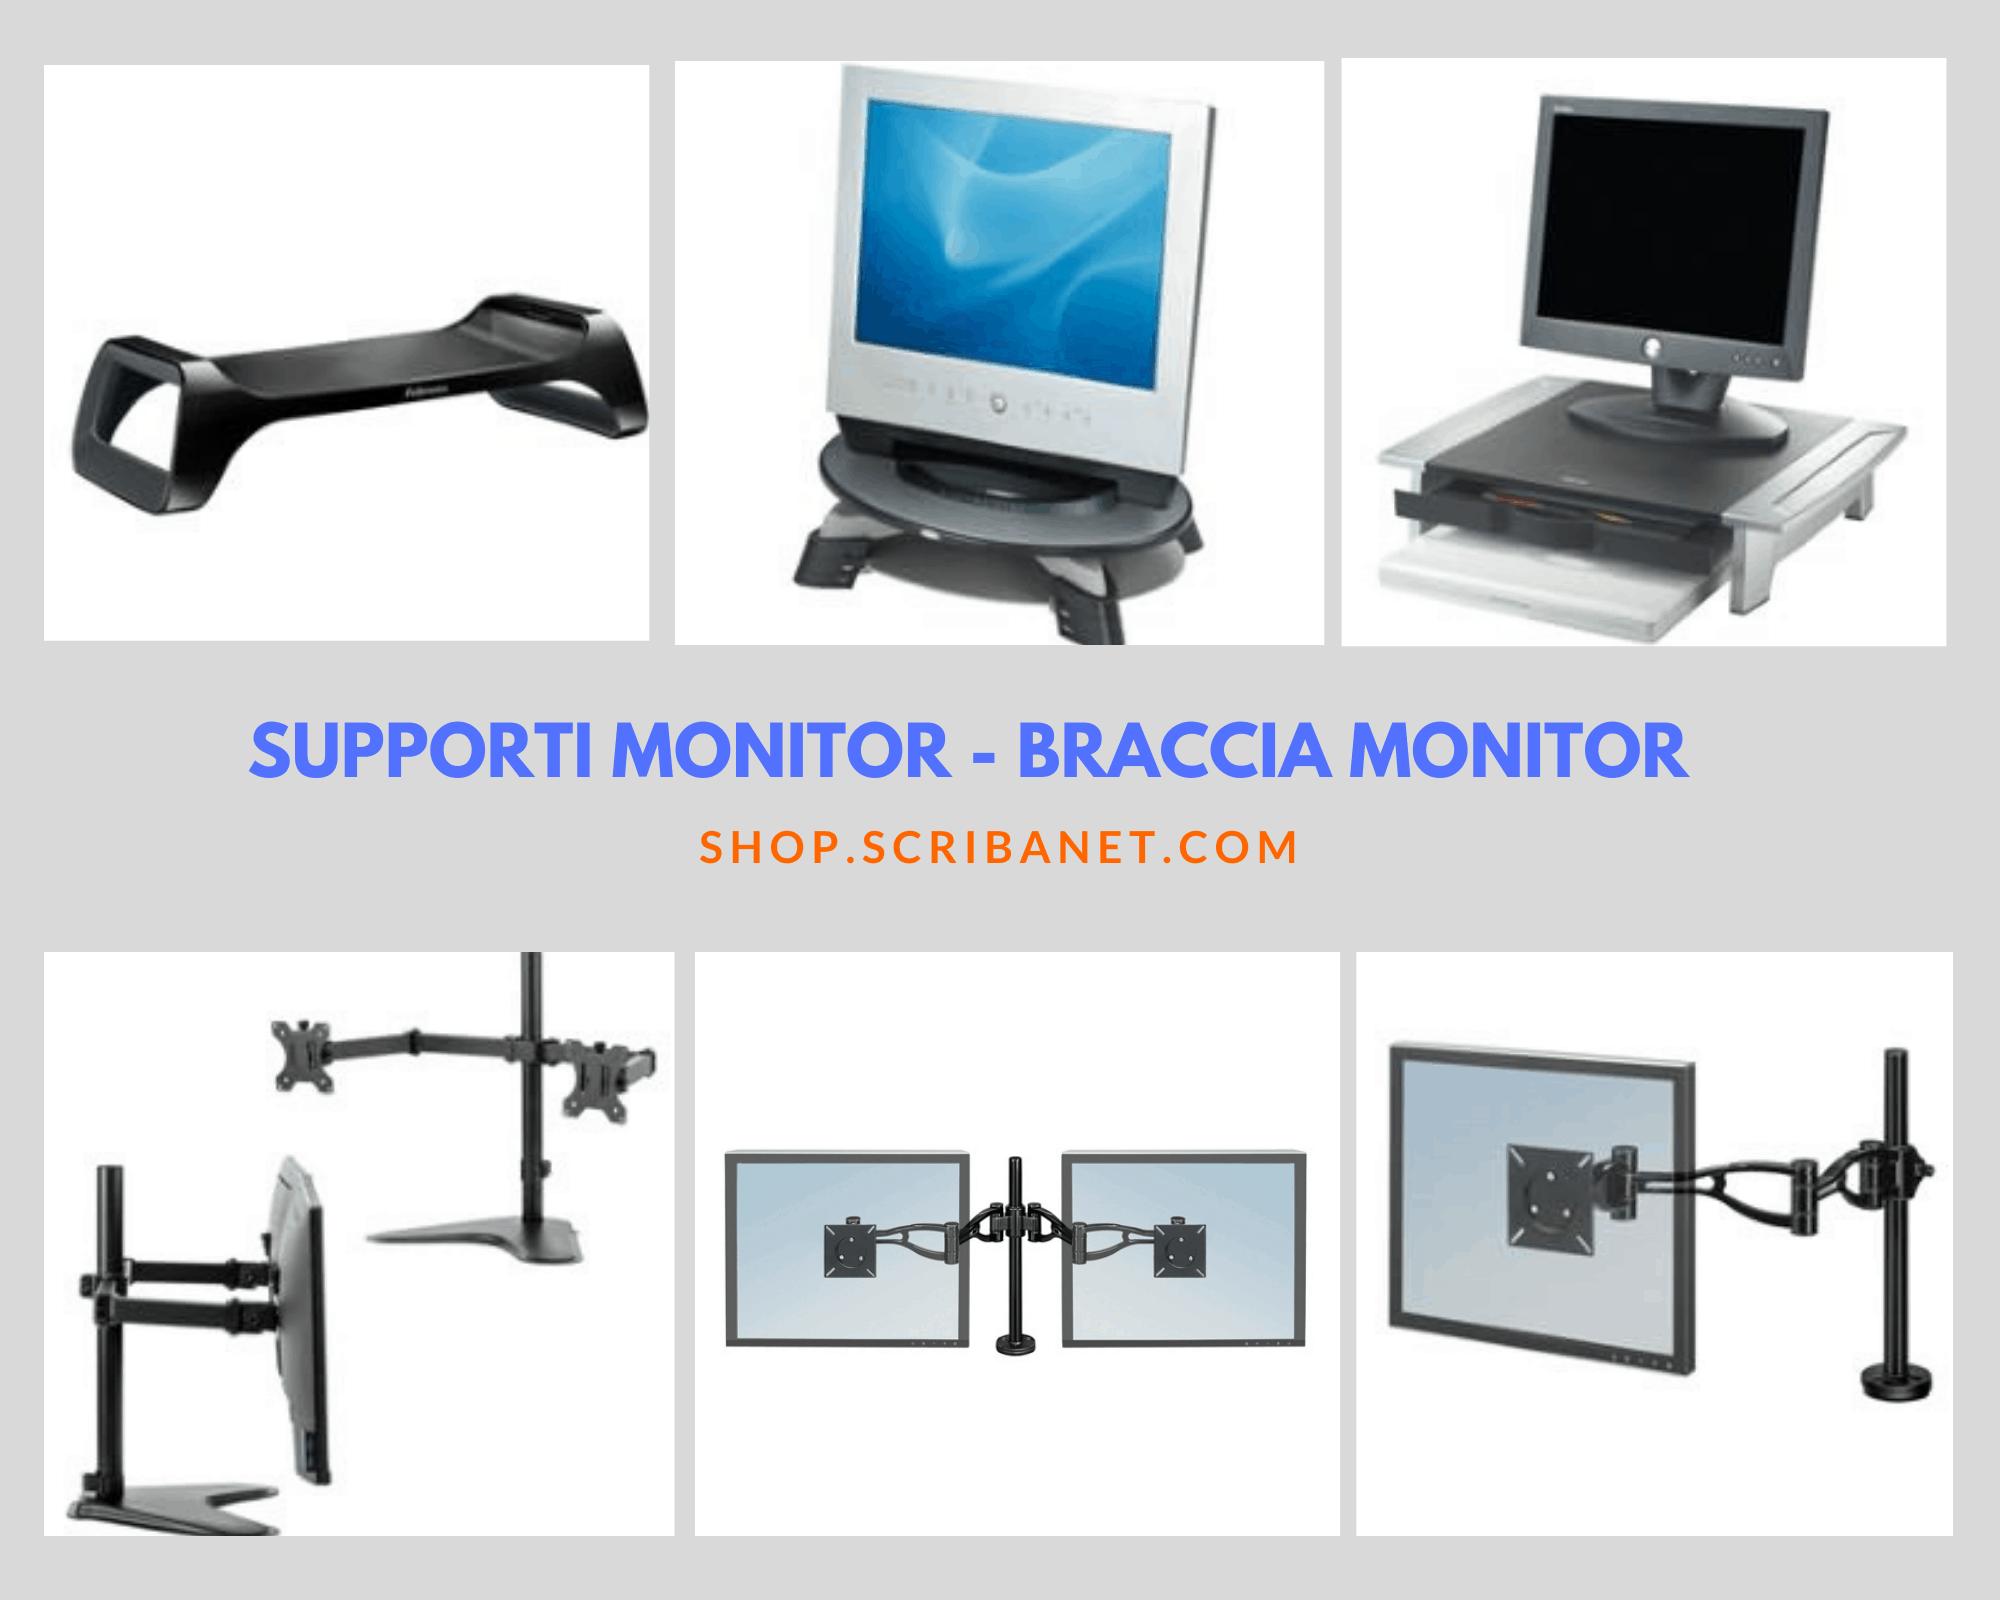 Supporti Monitor